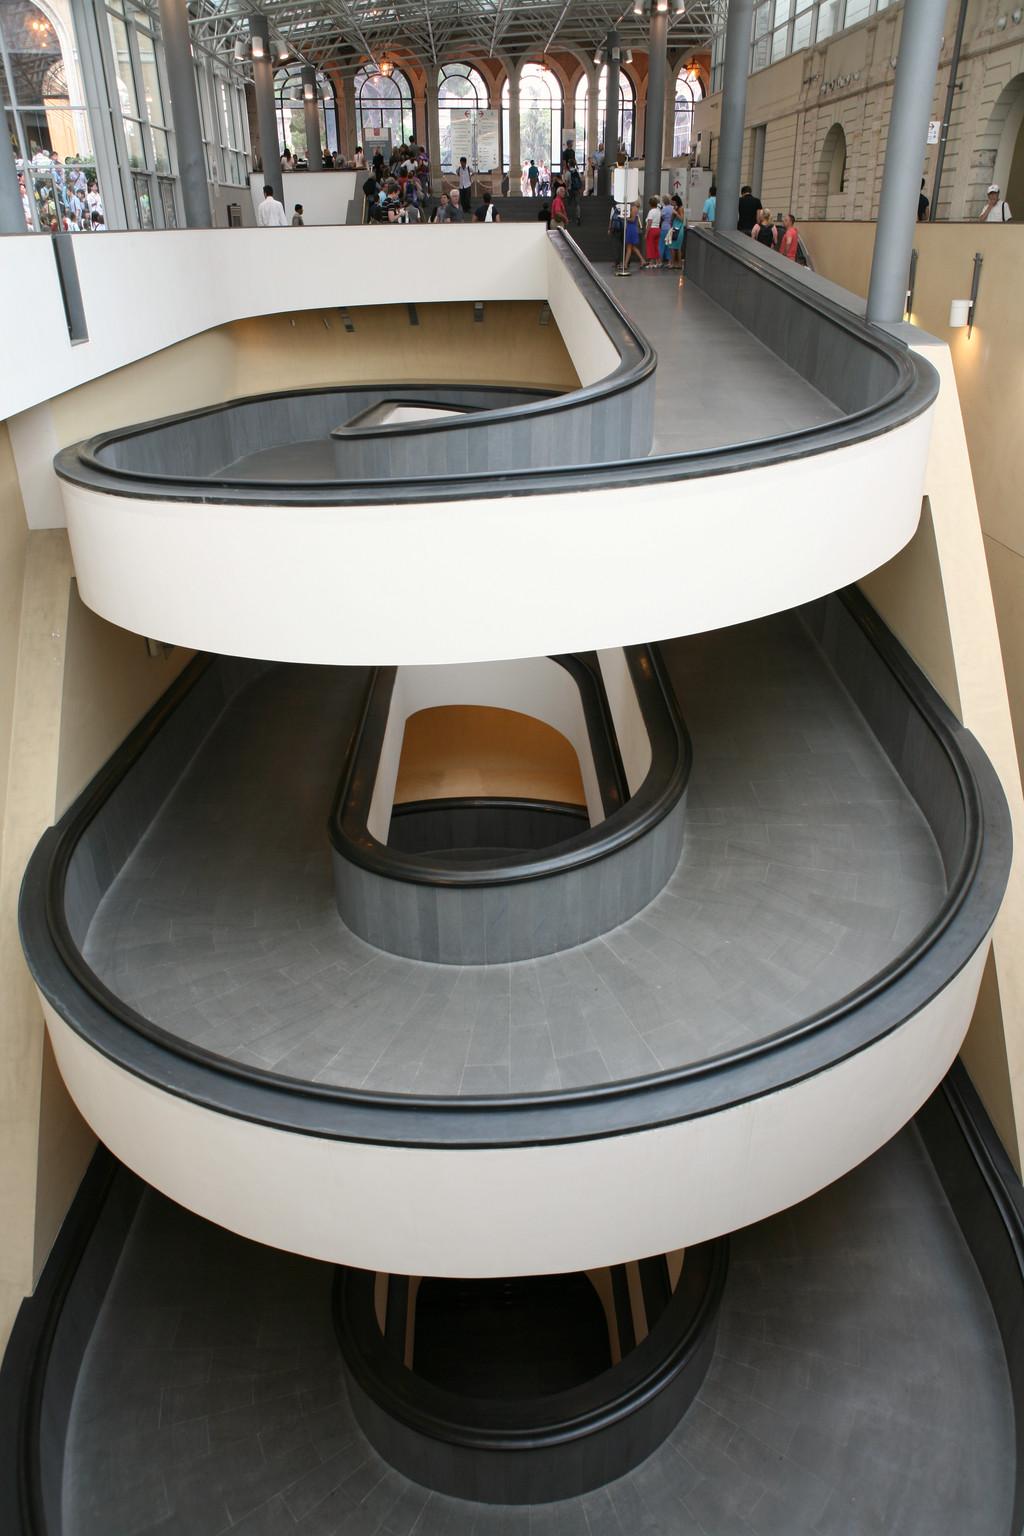 escalier en spirale le monde en images. Black Bedroom Furniture Sets. Home Design Ideas